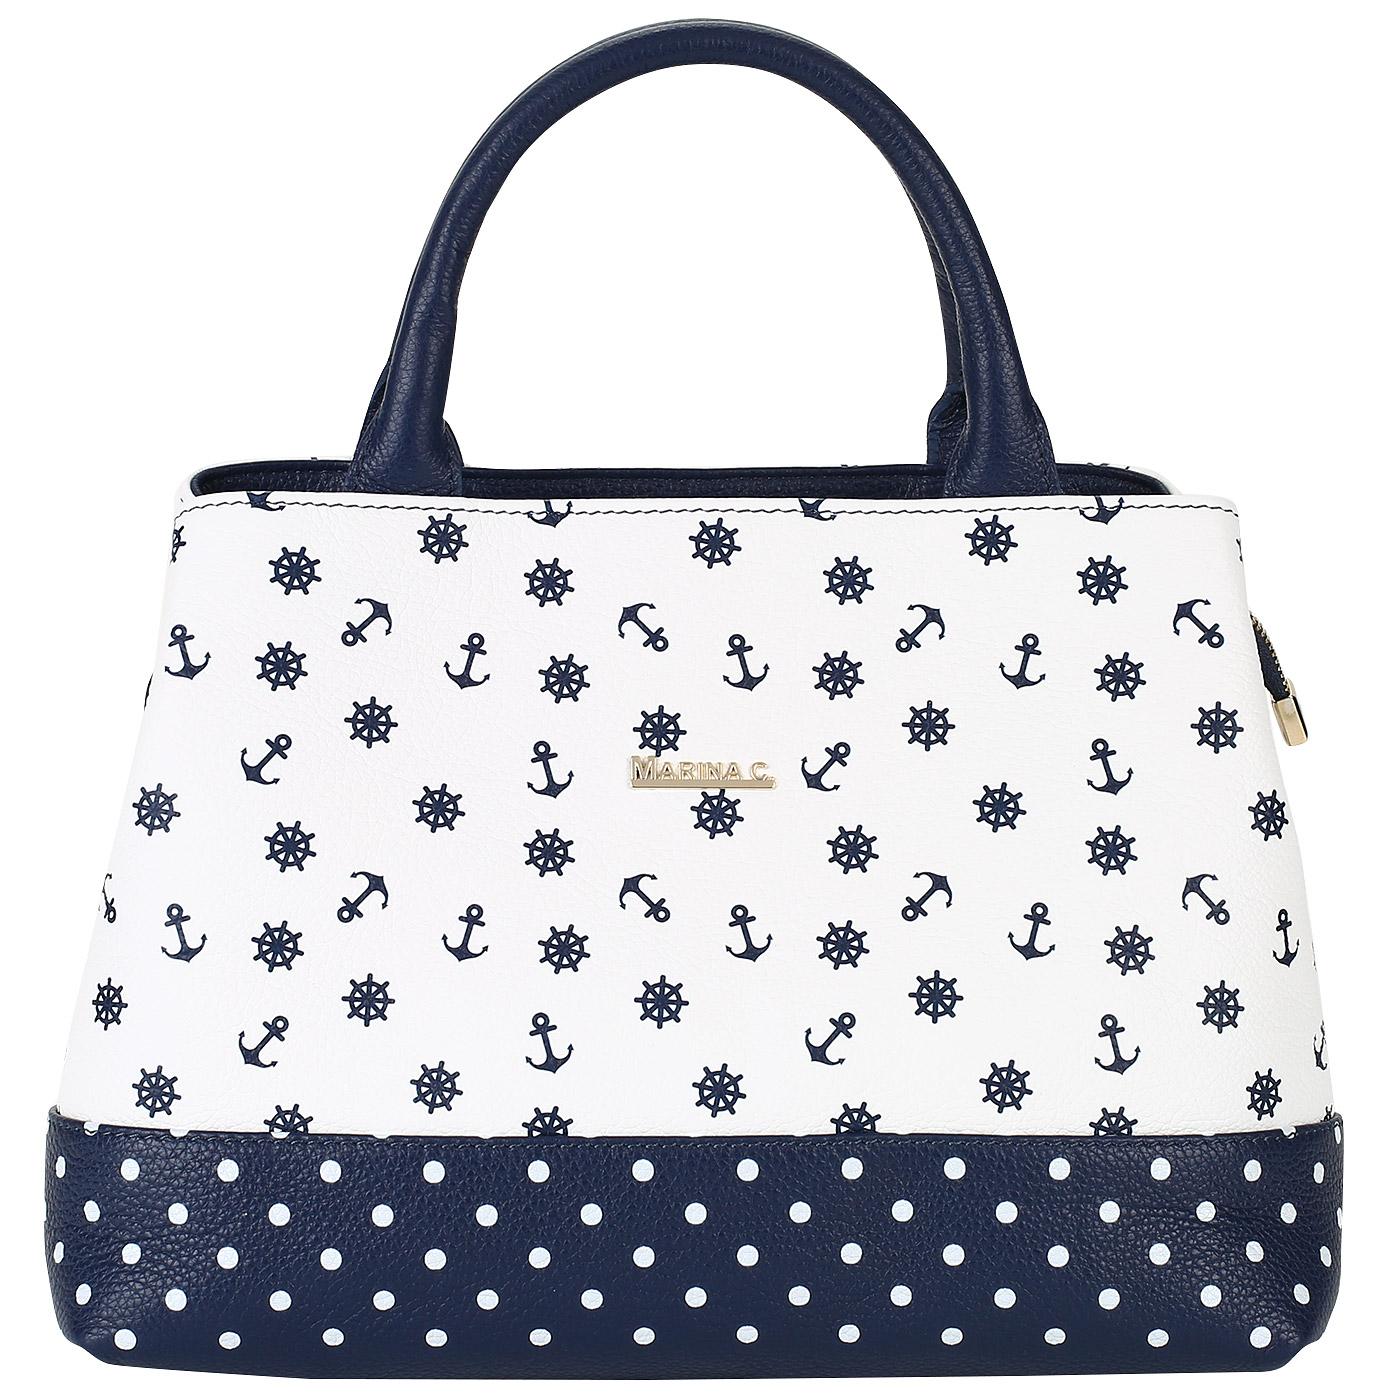 93d7e51abad5 Женская сумка из натуральной кожи Marina Creazioni Женская сумка из натуральной  кожи Marina Creazioni ...